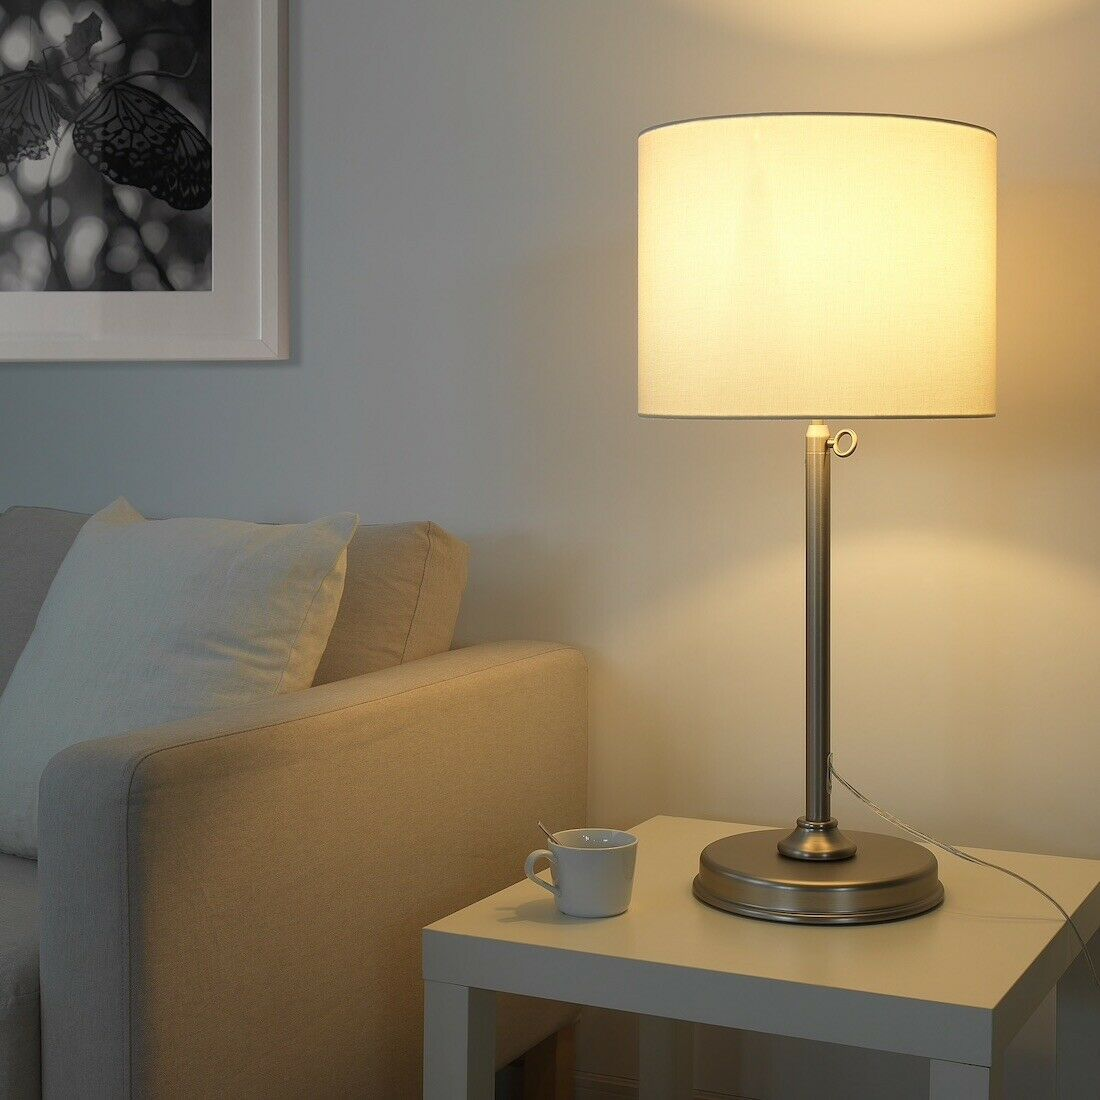 IKEA MILLERYR Table lamp, white, nickel plated (adjustable) image 2